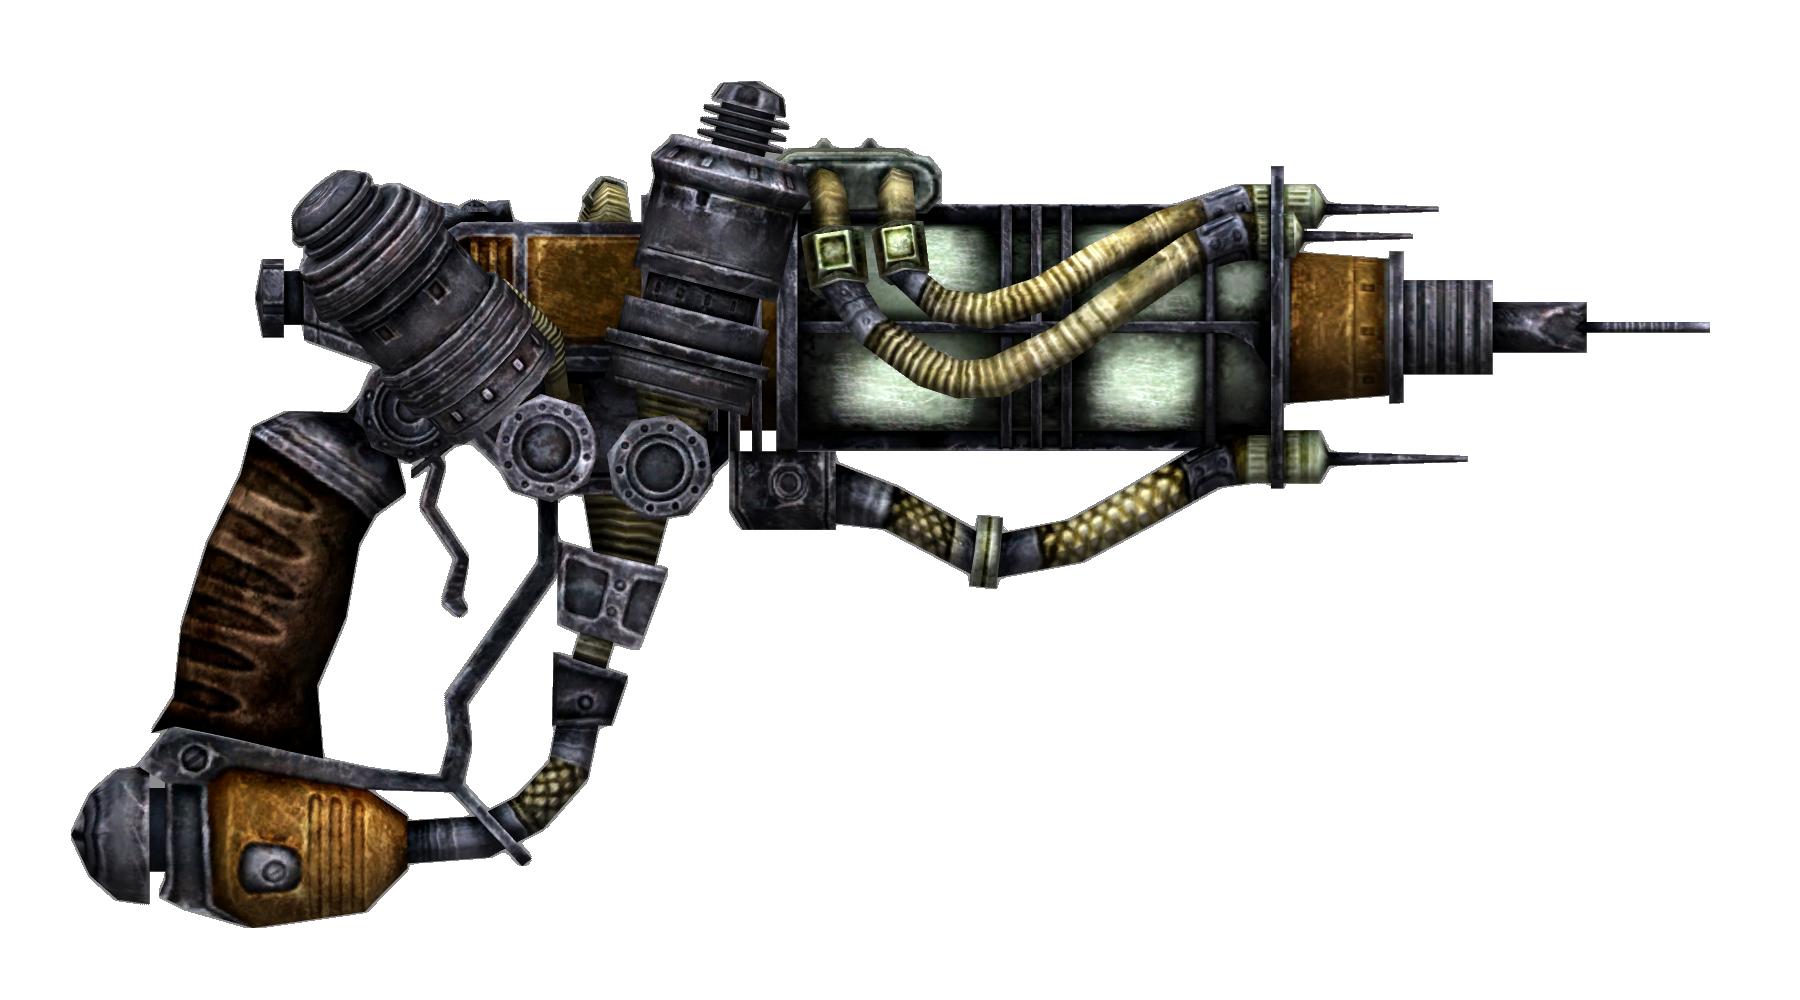 40 caliber muzzle energy